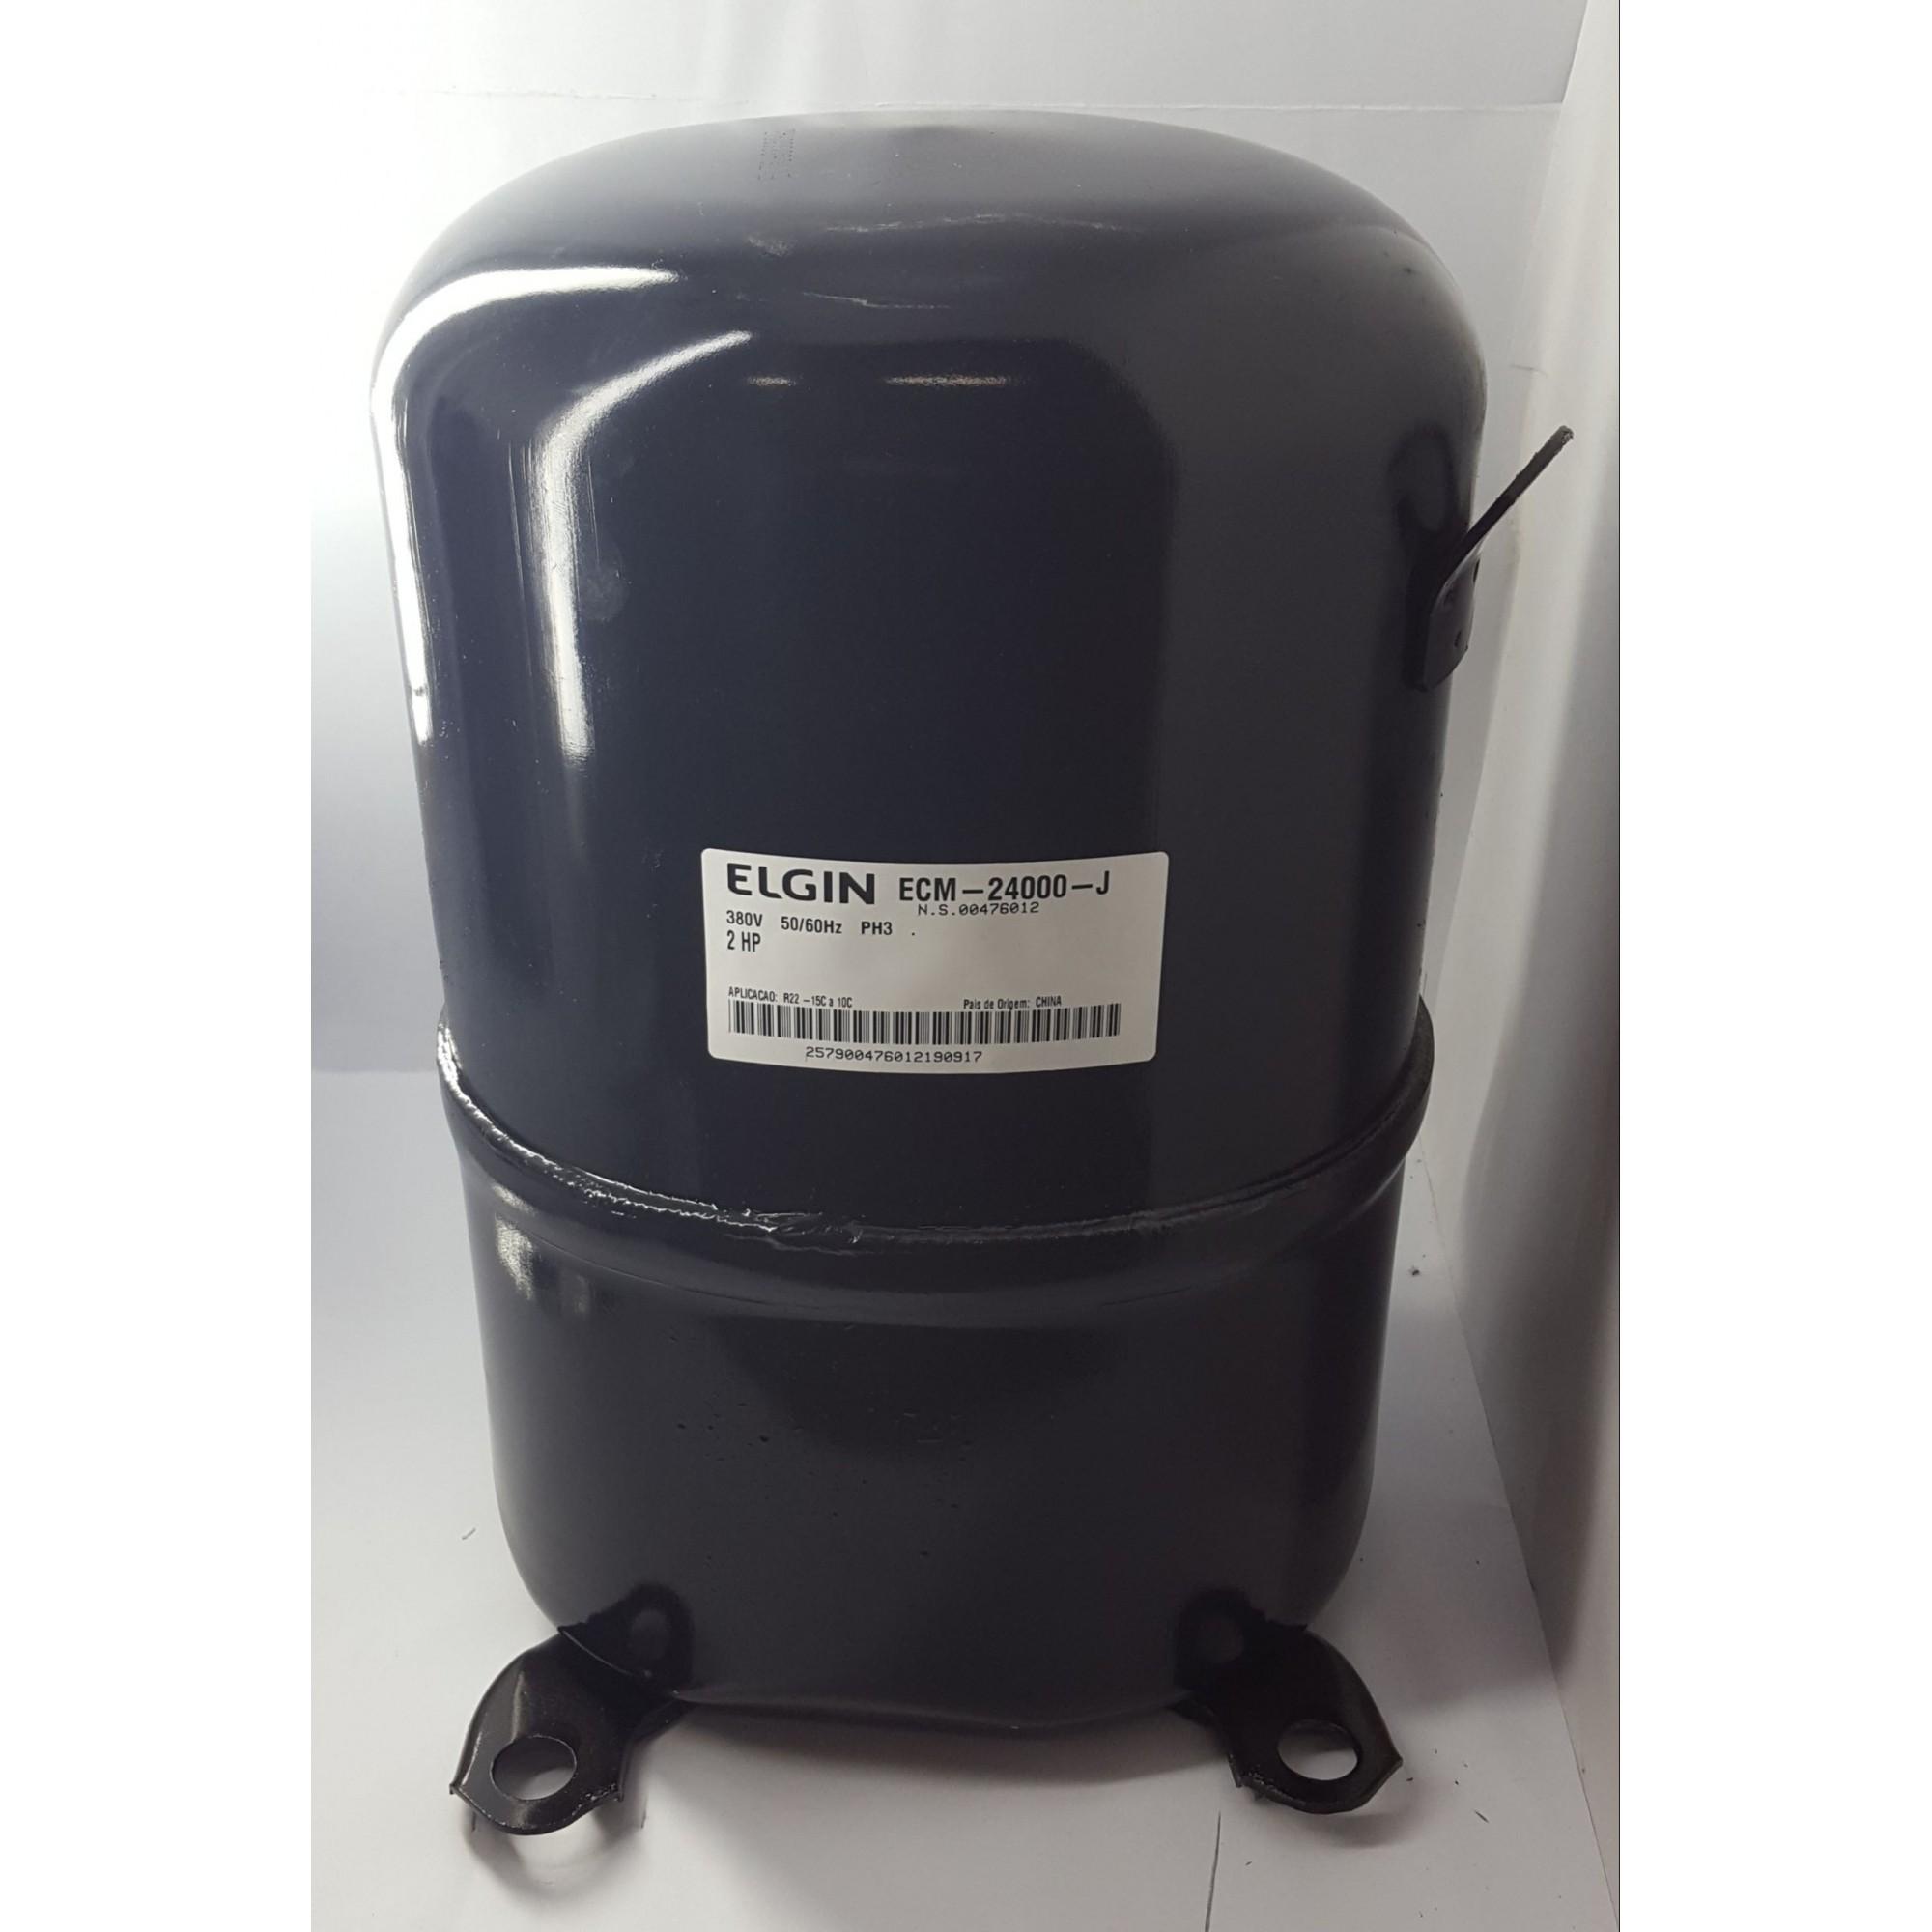 COMPRESSOR ELGIN 2 HP - ECM-24000-J - R22 (380v) - (FRETE GRÁTIS)